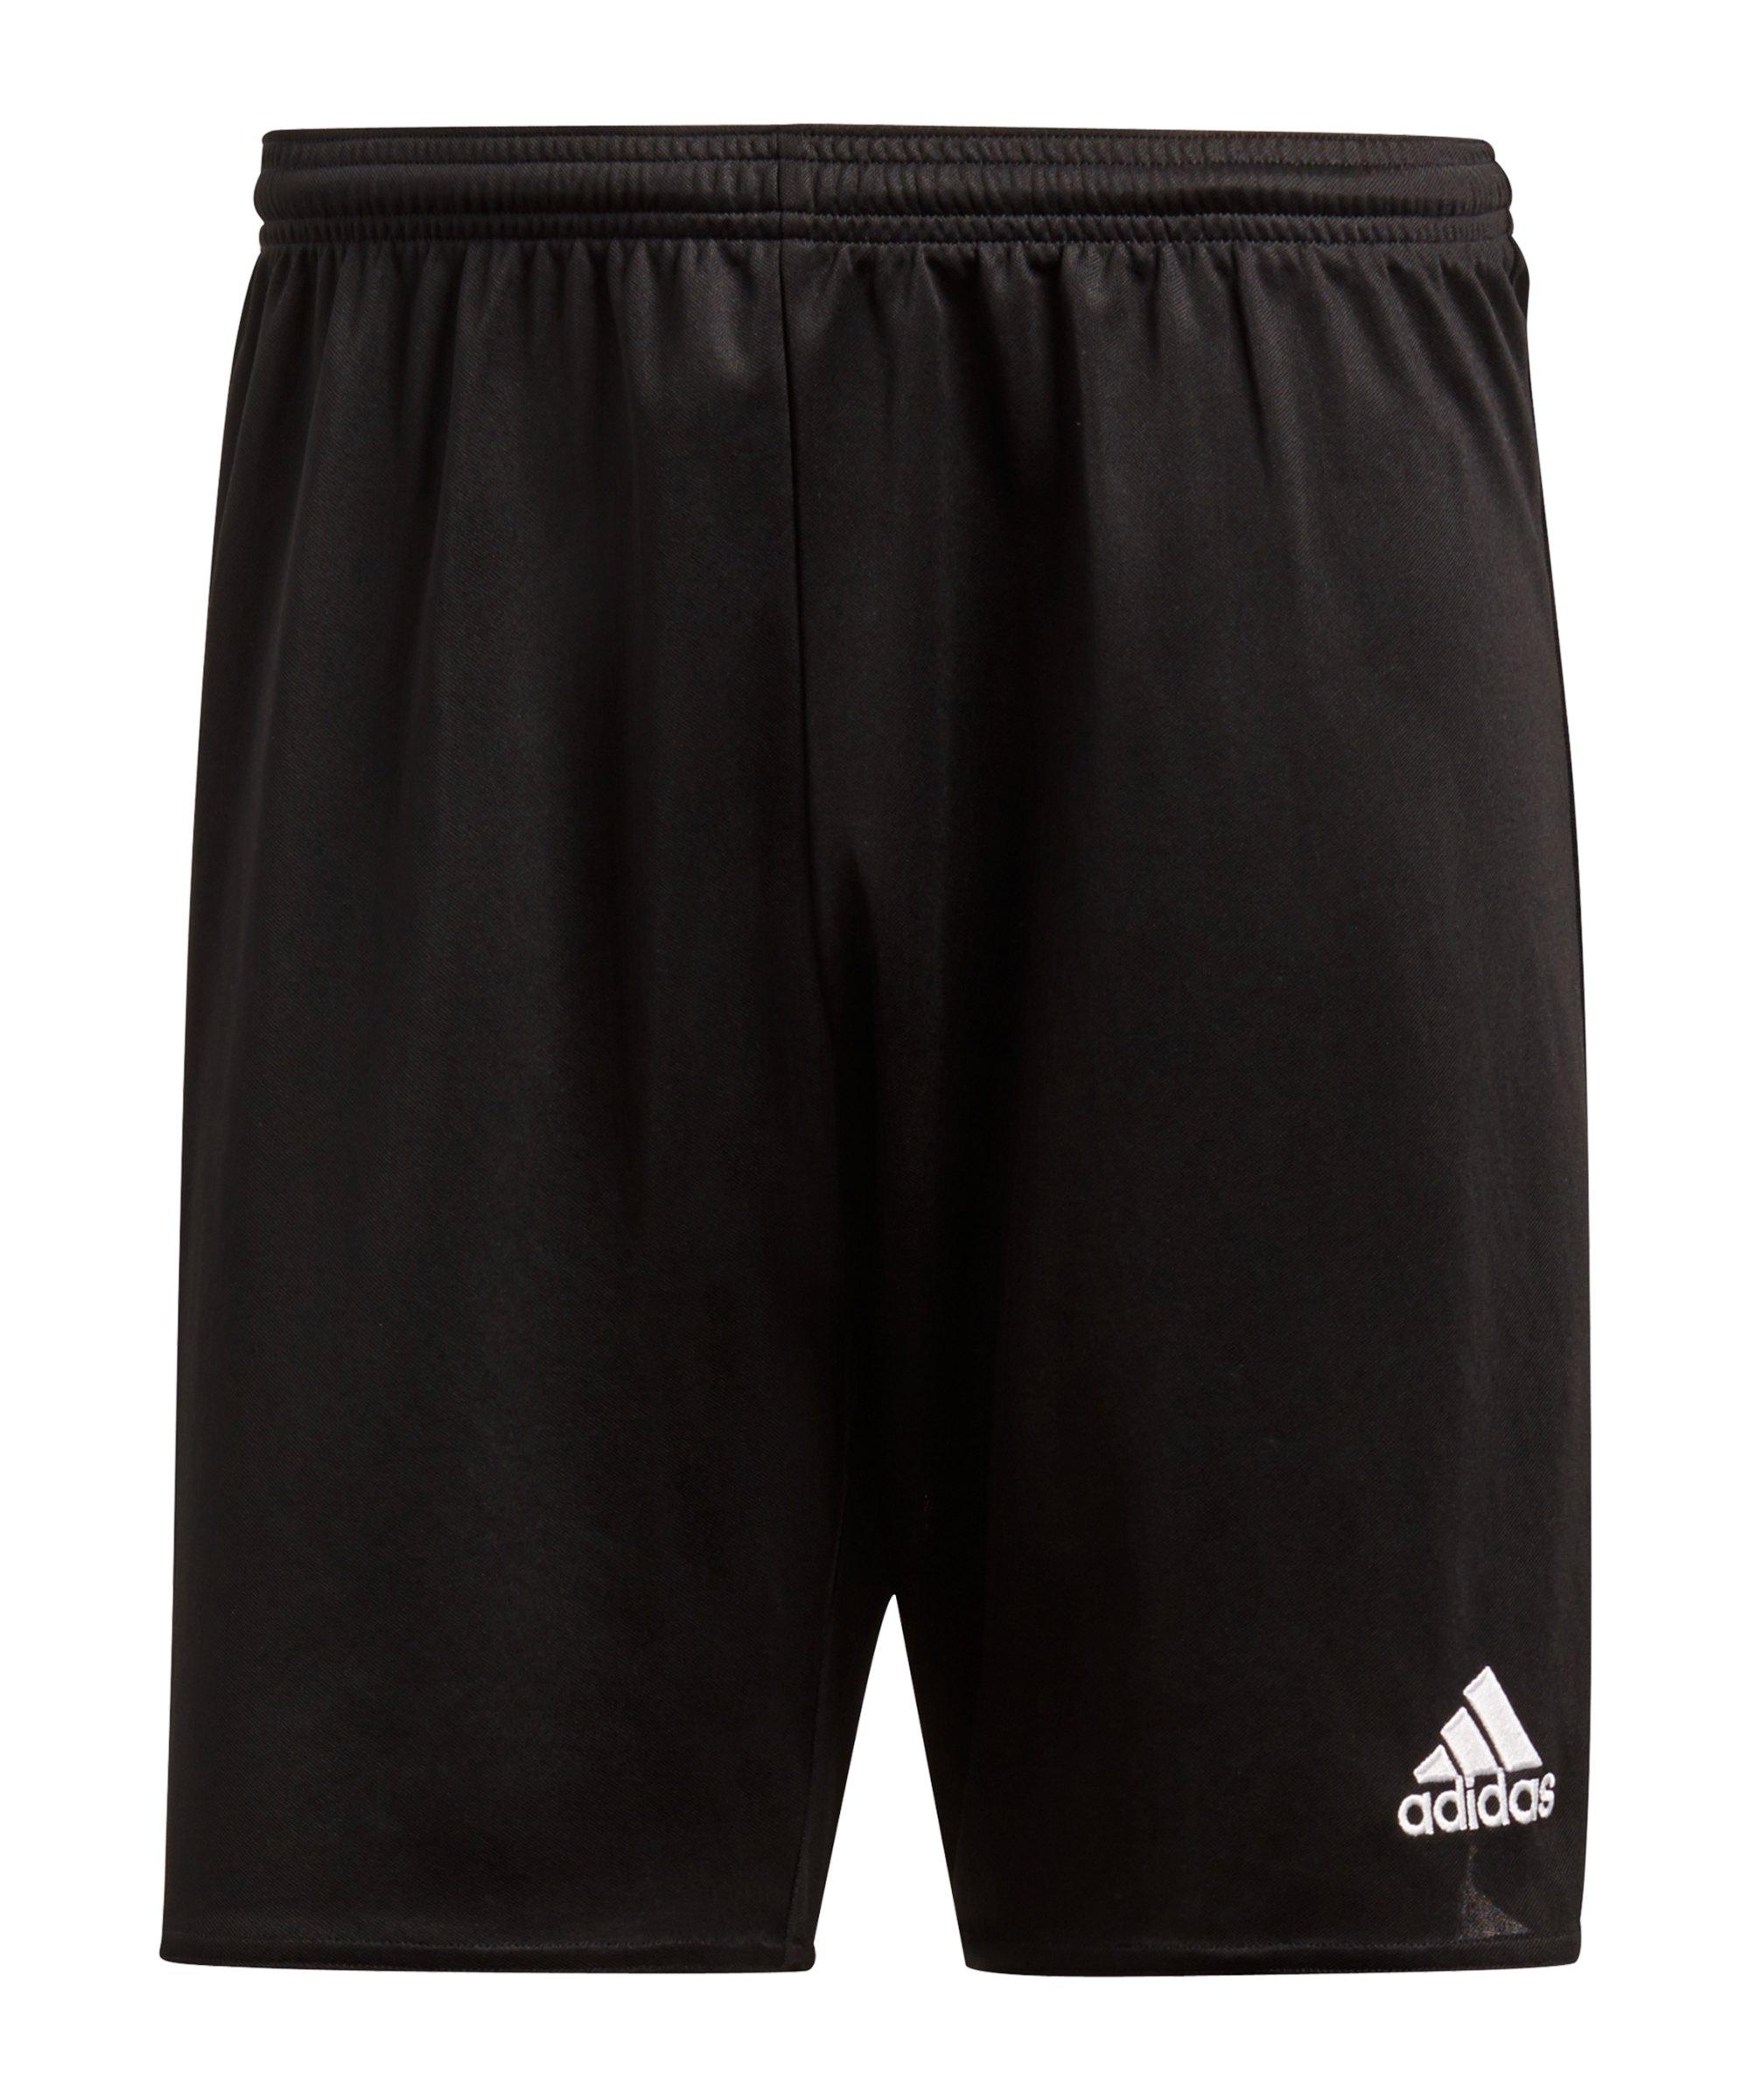 adidas Short ohne Innenslip Parma 16 Schwarz - schwarz